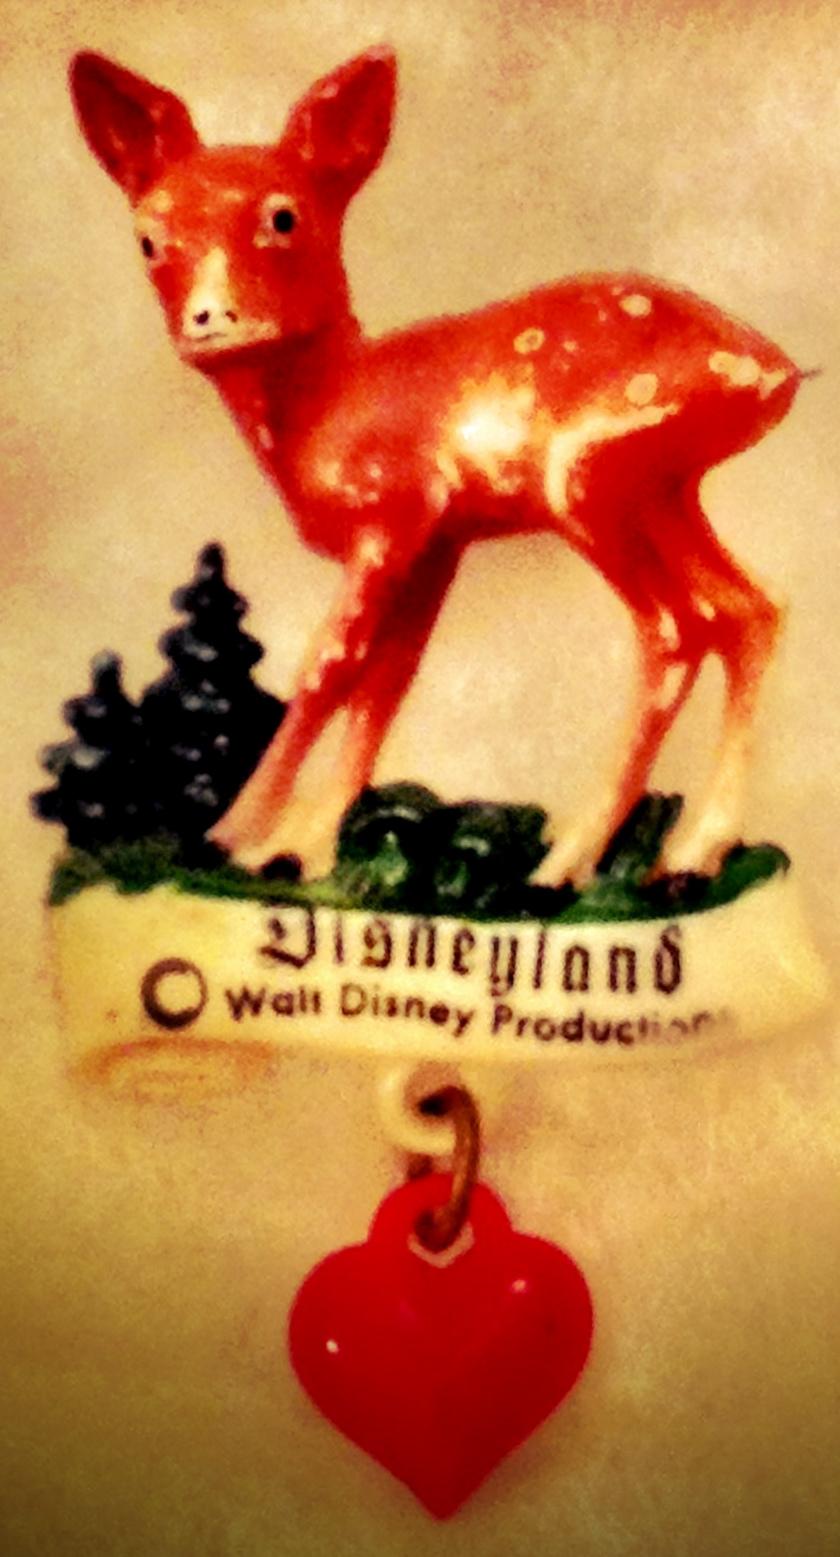 Disneyland Christmas Deer.JPG